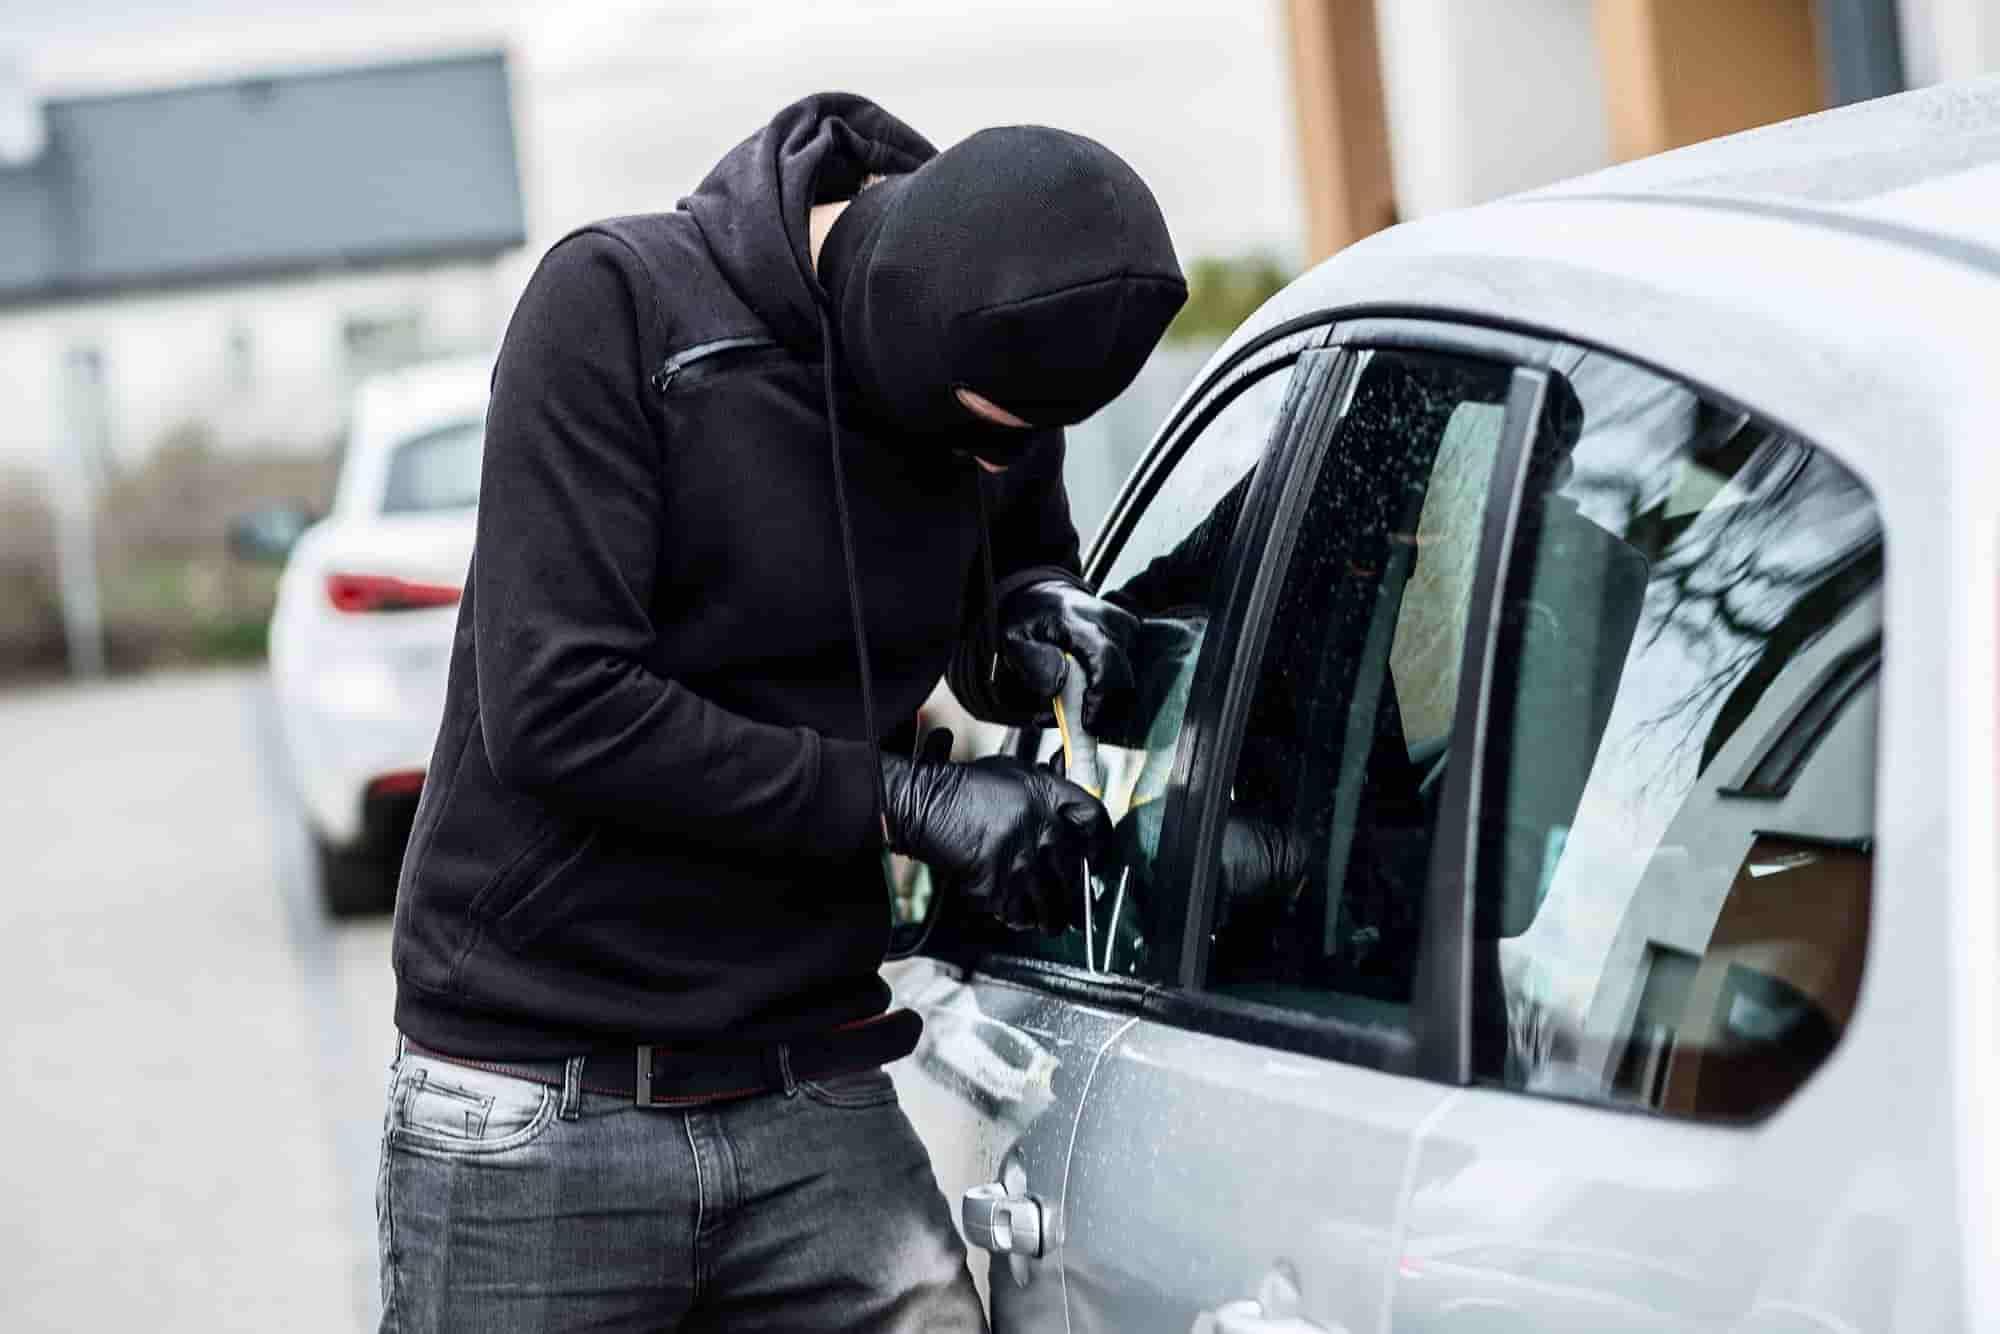 krádež auta, postup pri krádeži auta, zlodej, vlámanie, odcudzenie vozidla, zlodej áut